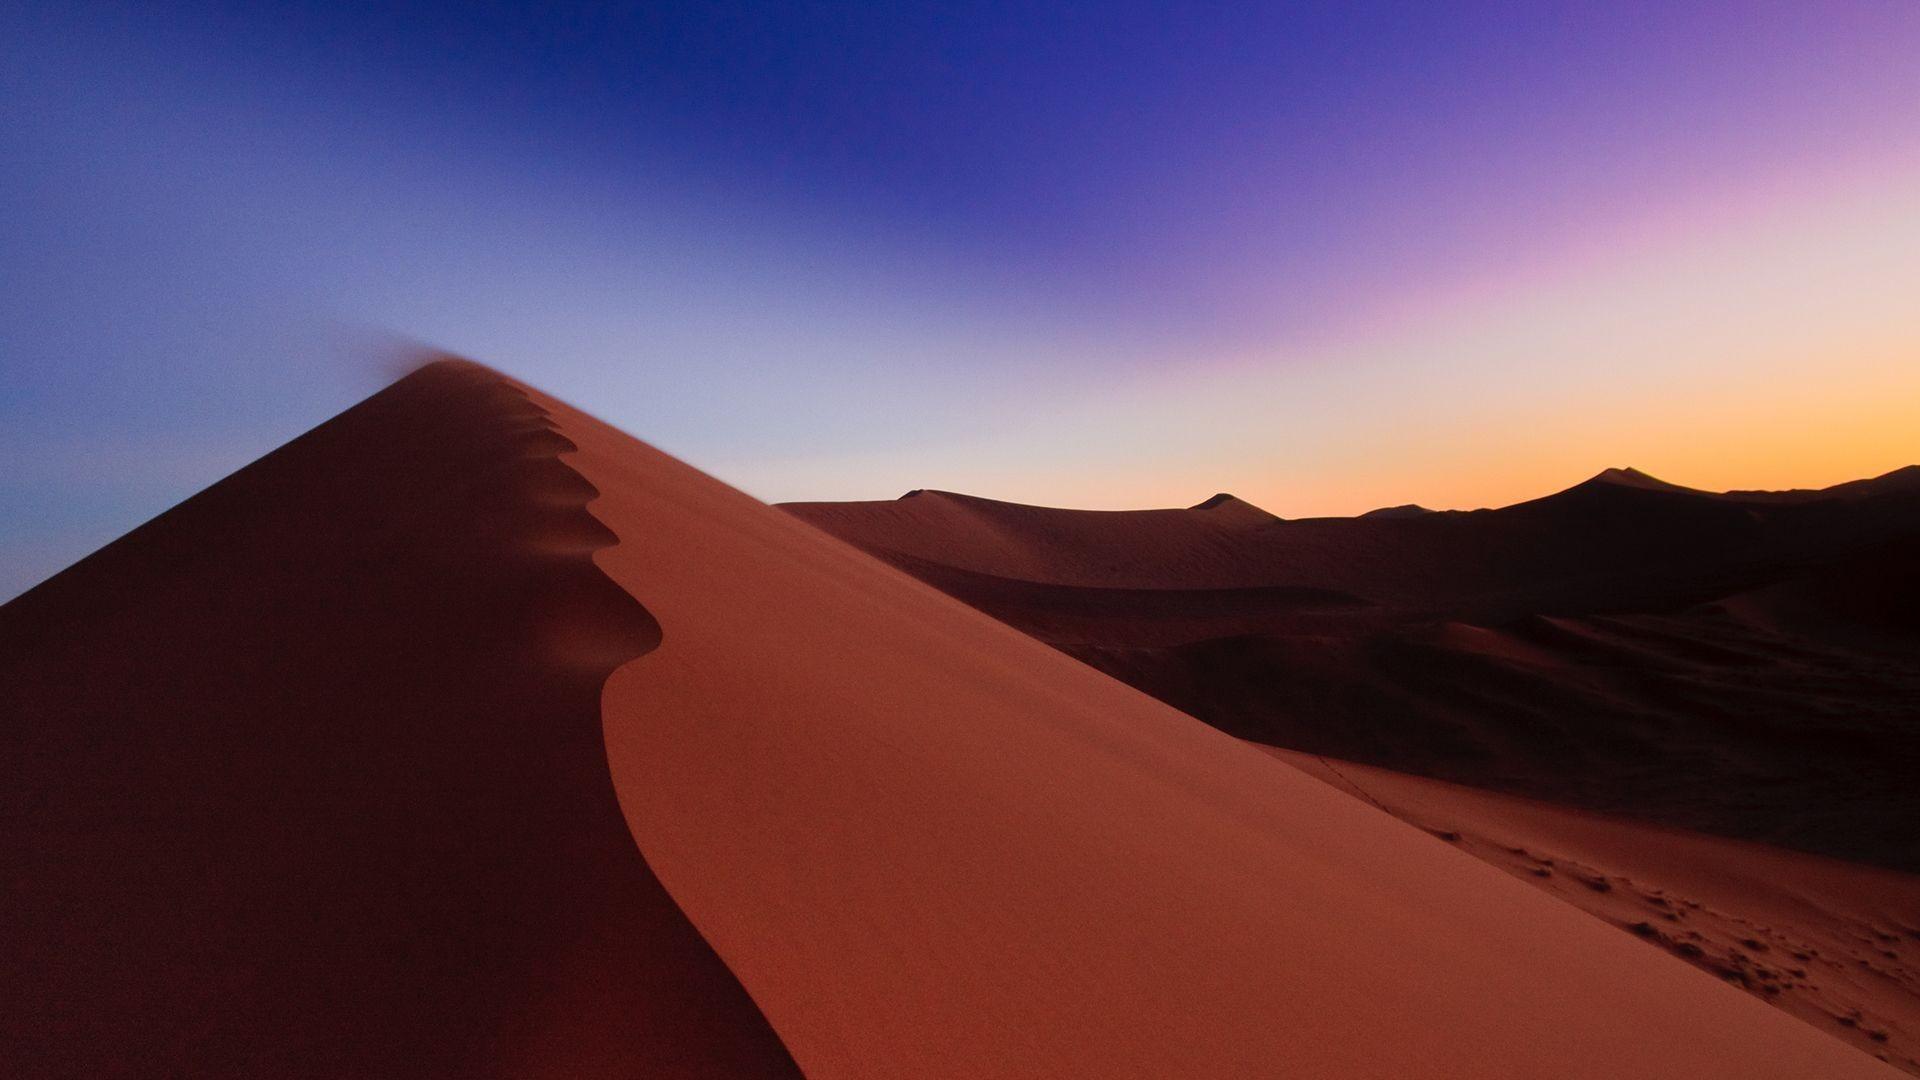 dune - photo #50